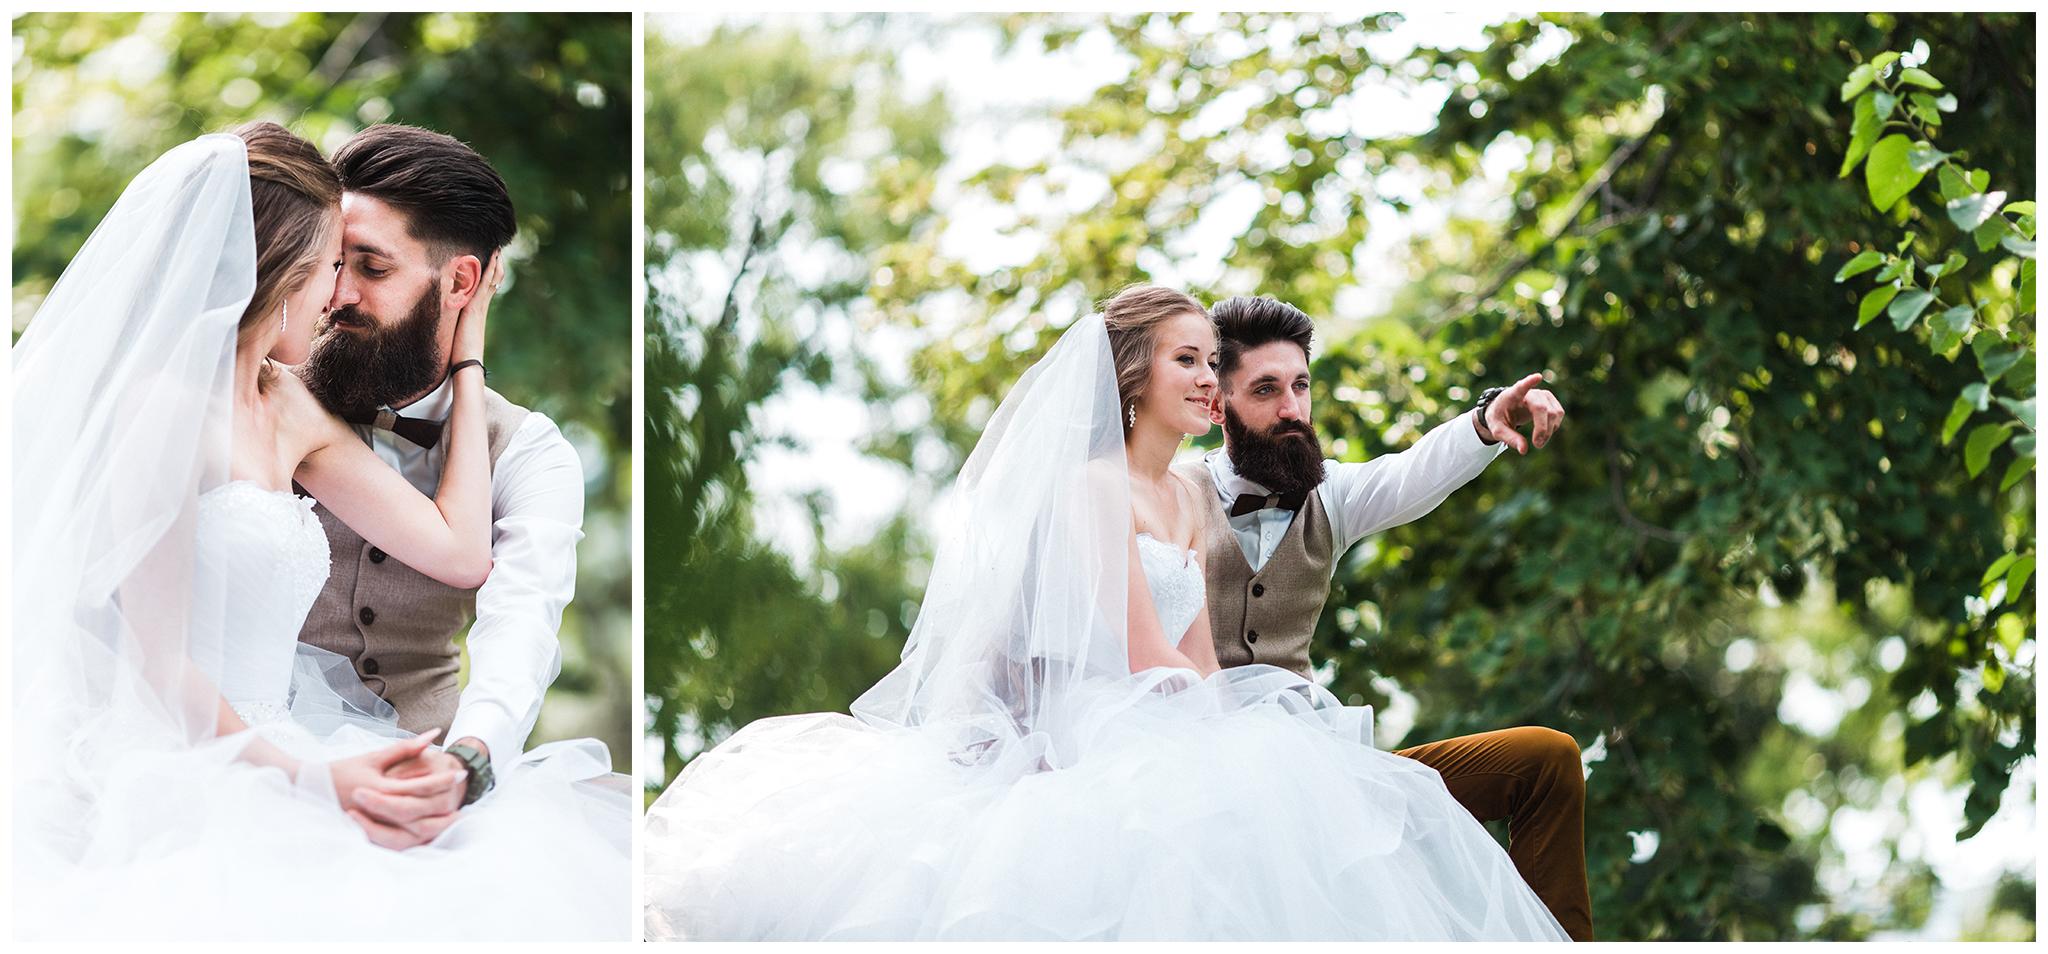 MONT_FylepPhoto, Esküvőfotós Vasmegye, Esküvő fotózás, Esküvői fotós, Körmend, Vas megye, Dunántúl, Budapest, Fülöp Péter, Jegyes fotózás, jegyes, kreatív, kreatívfotózás,Wien,Ausztira,Österreich,hochzeitsfotograf_DZS&P_05.jpg